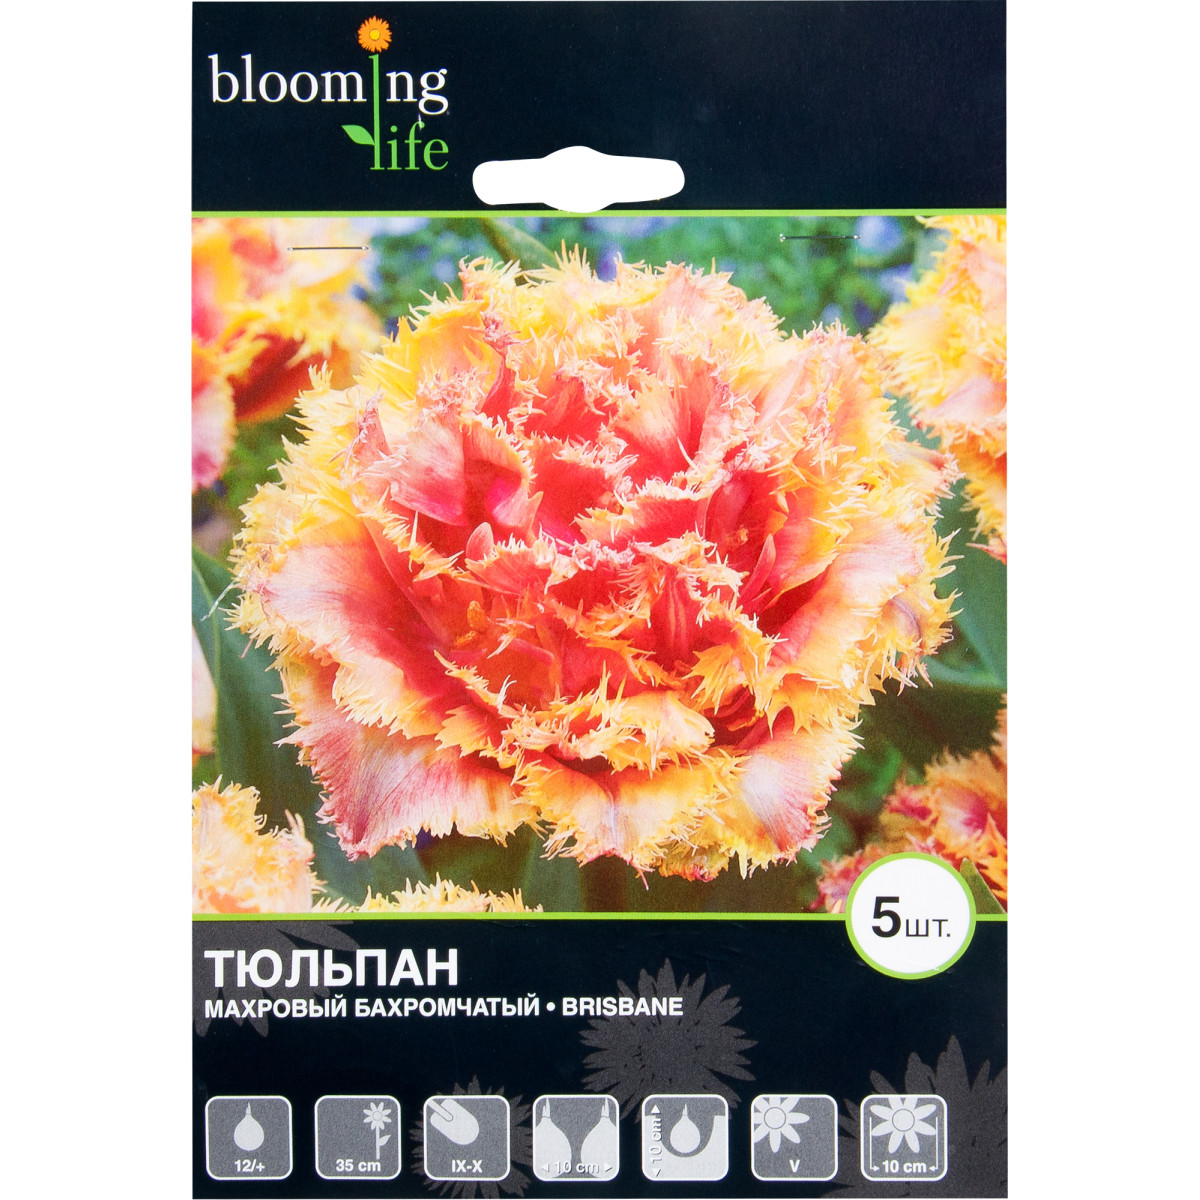 Тюльпан махровый бахромчатый Брисбан